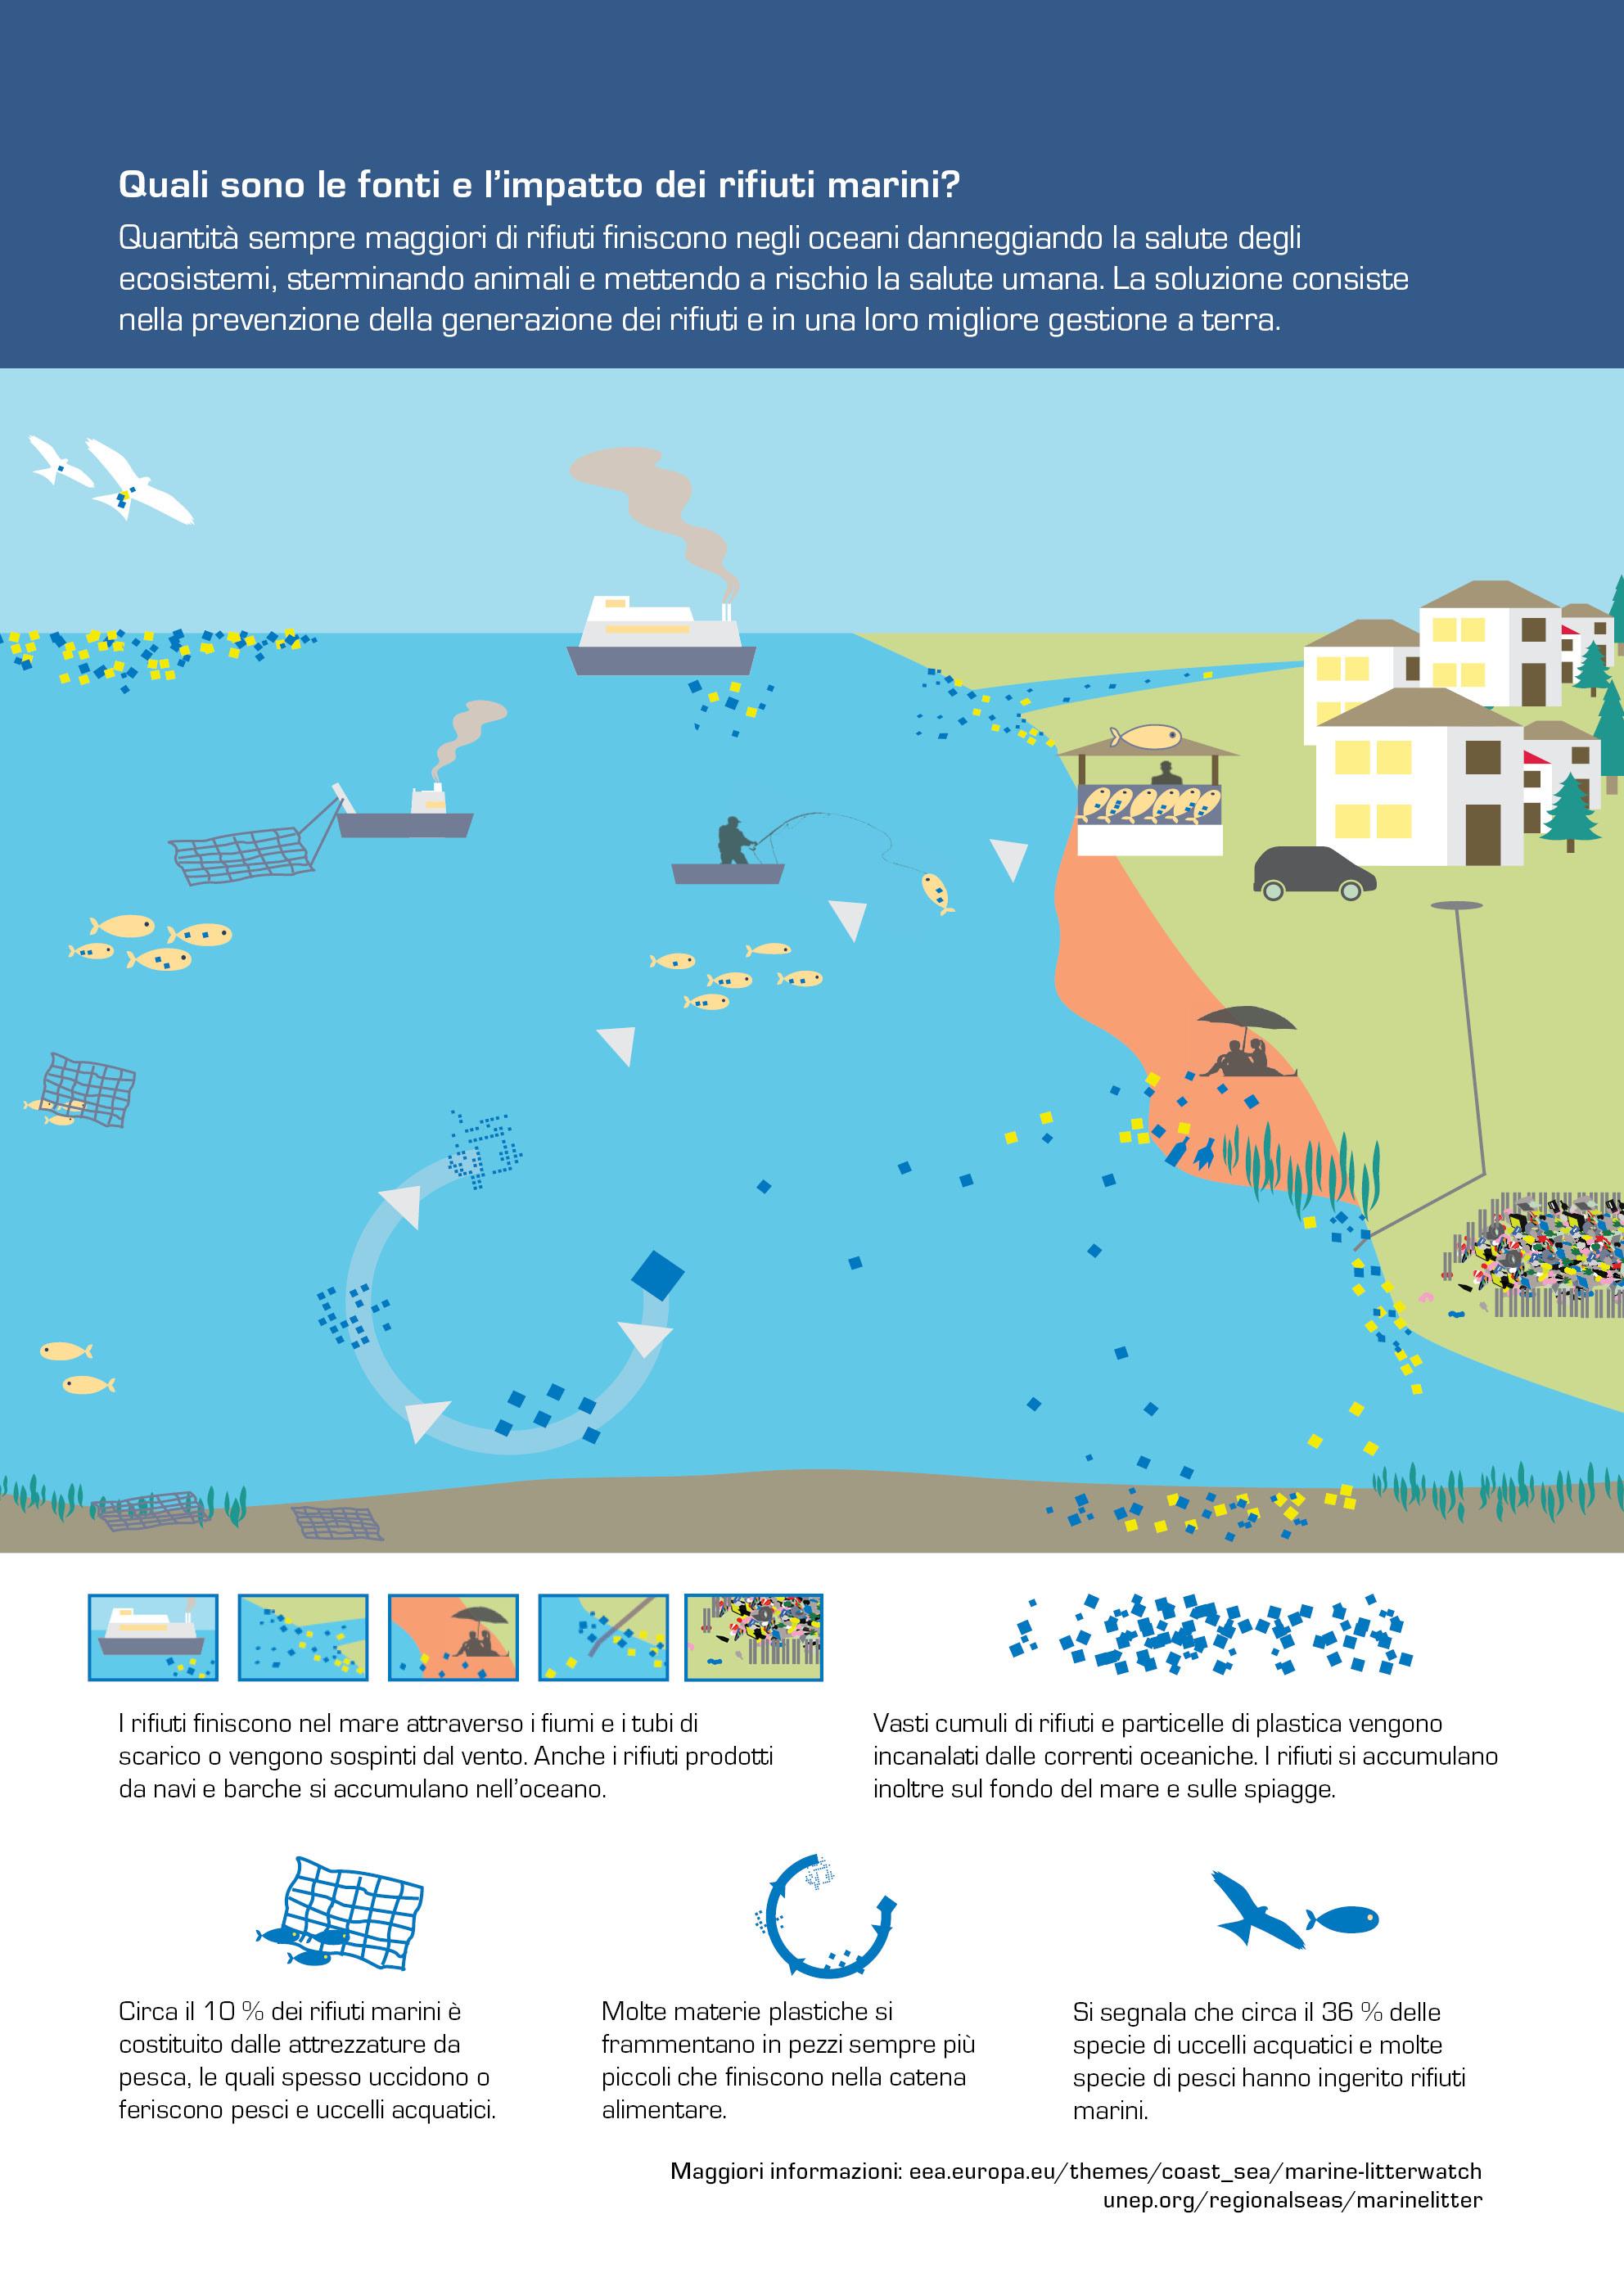 Quali sono le fonti e l'impatto dei rifiuti marini?